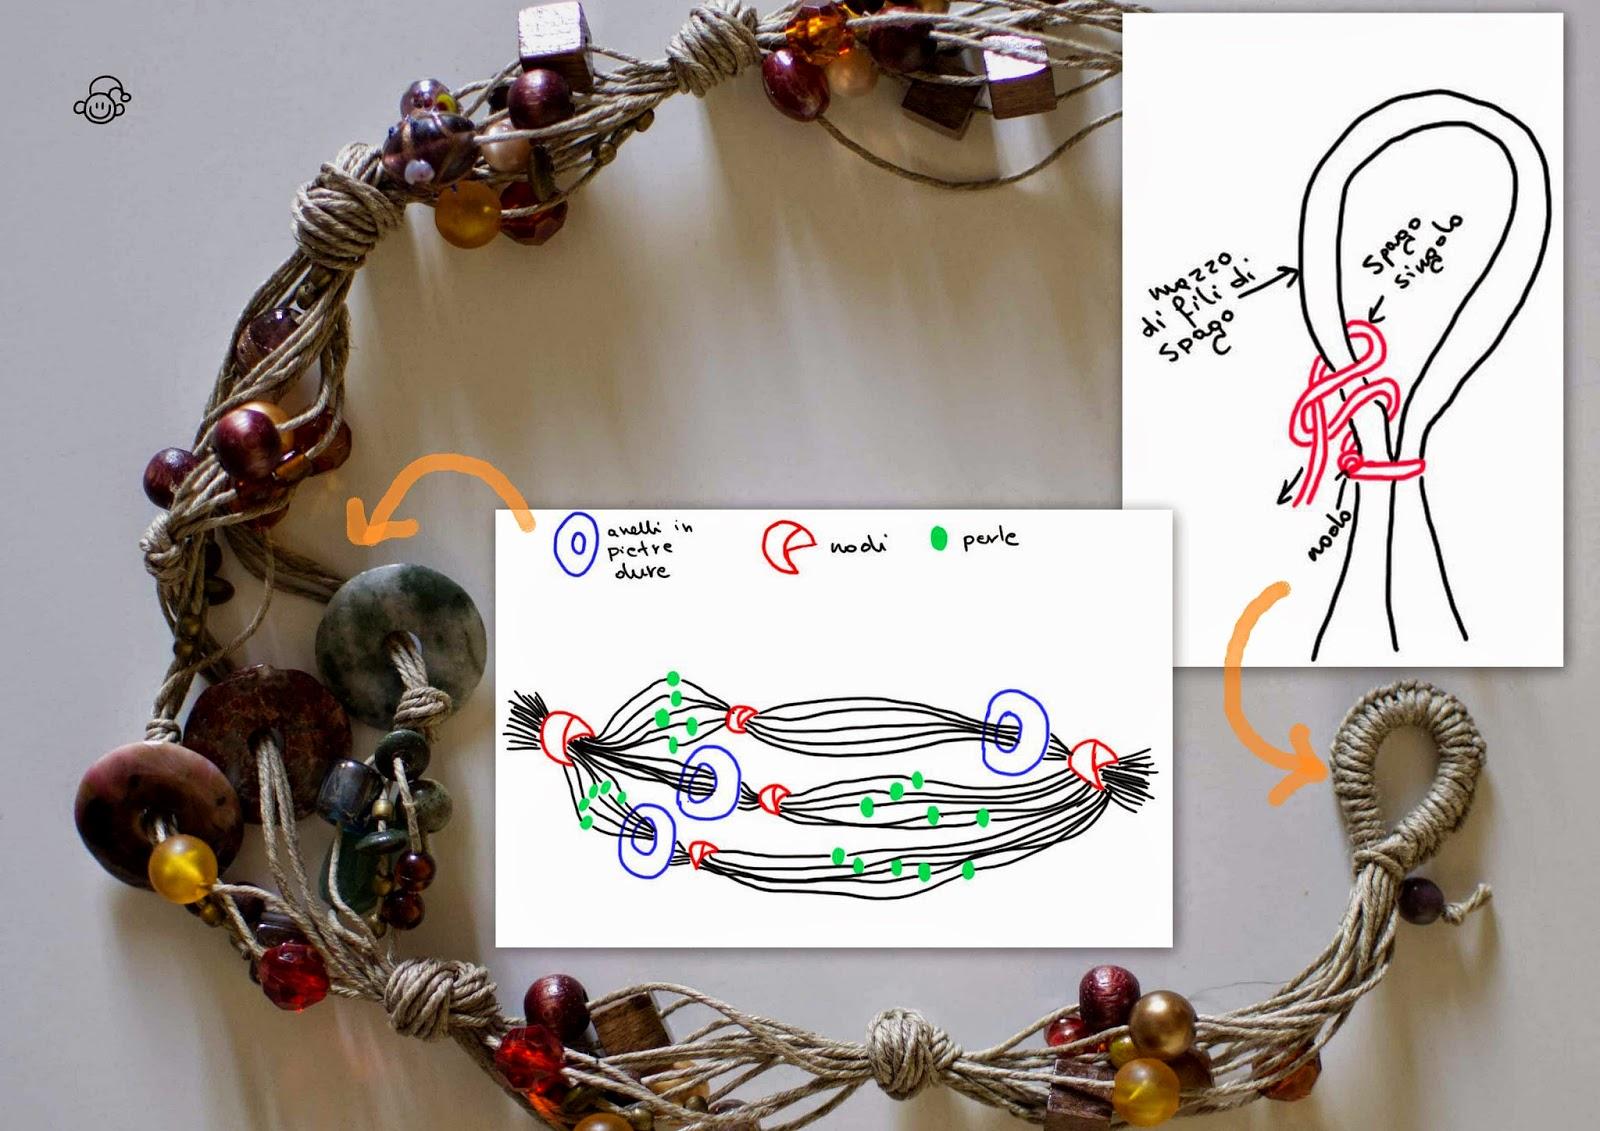 Favorito Casa Ignoli: La collana di spago e perle di pietre dure HK96